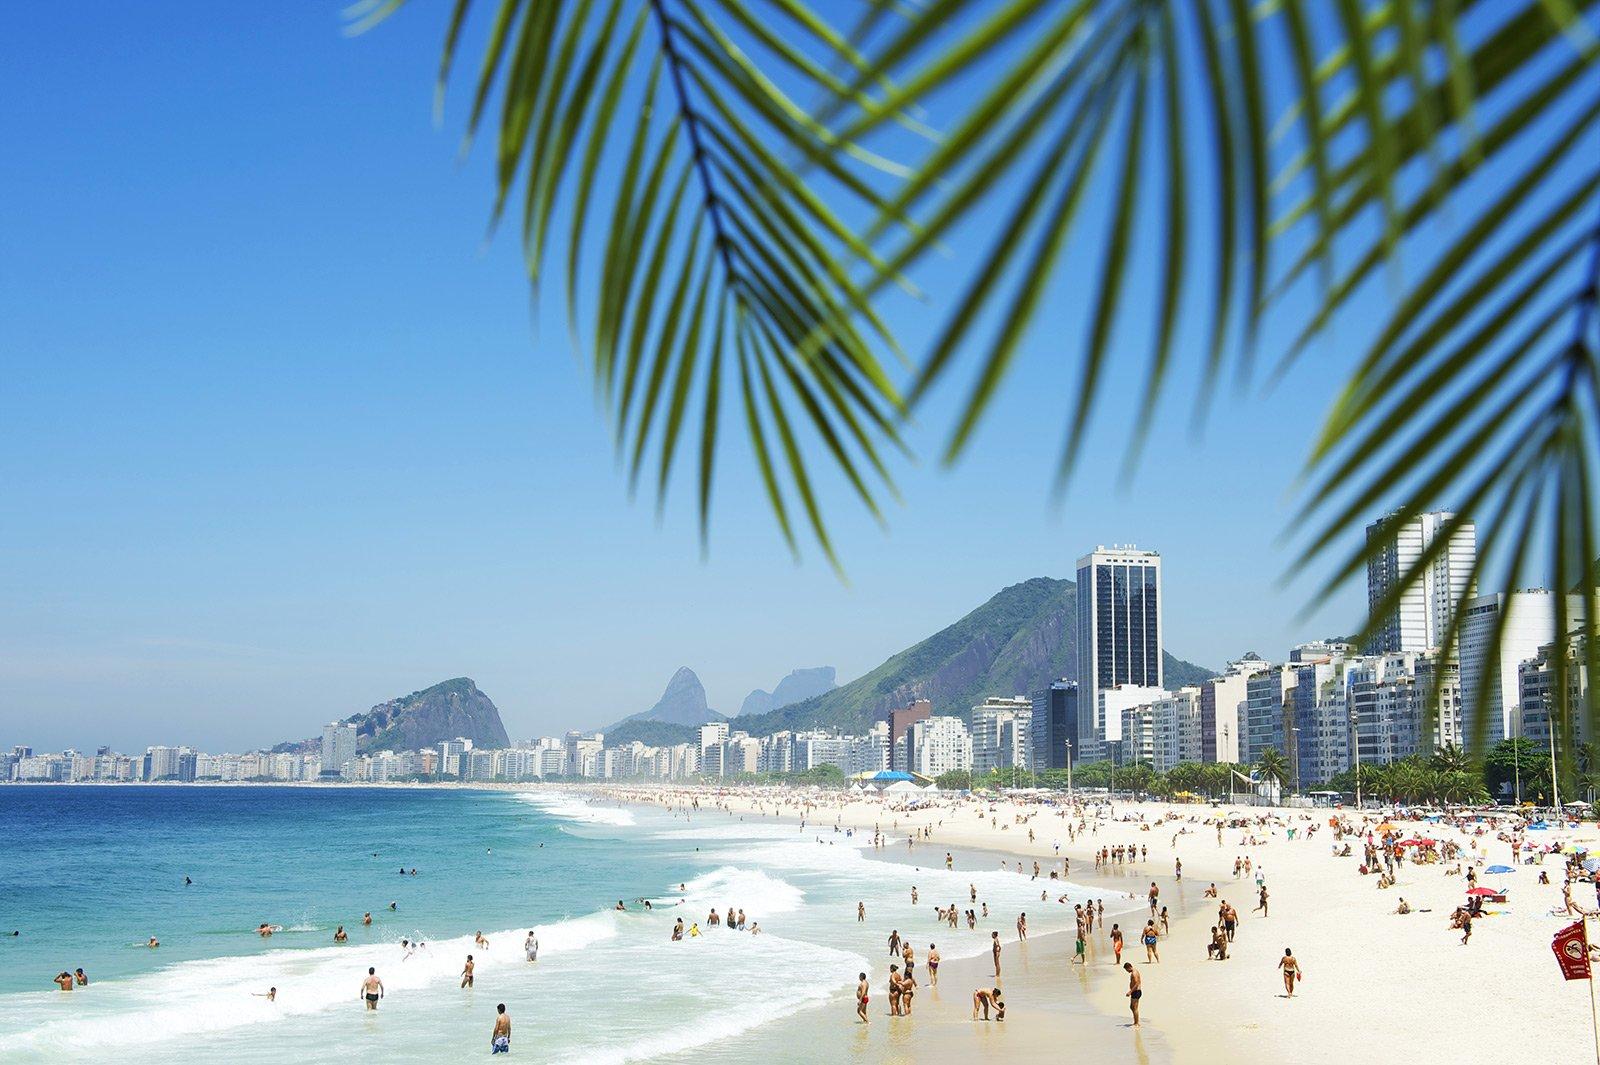 Шепси фото города и пляжа может